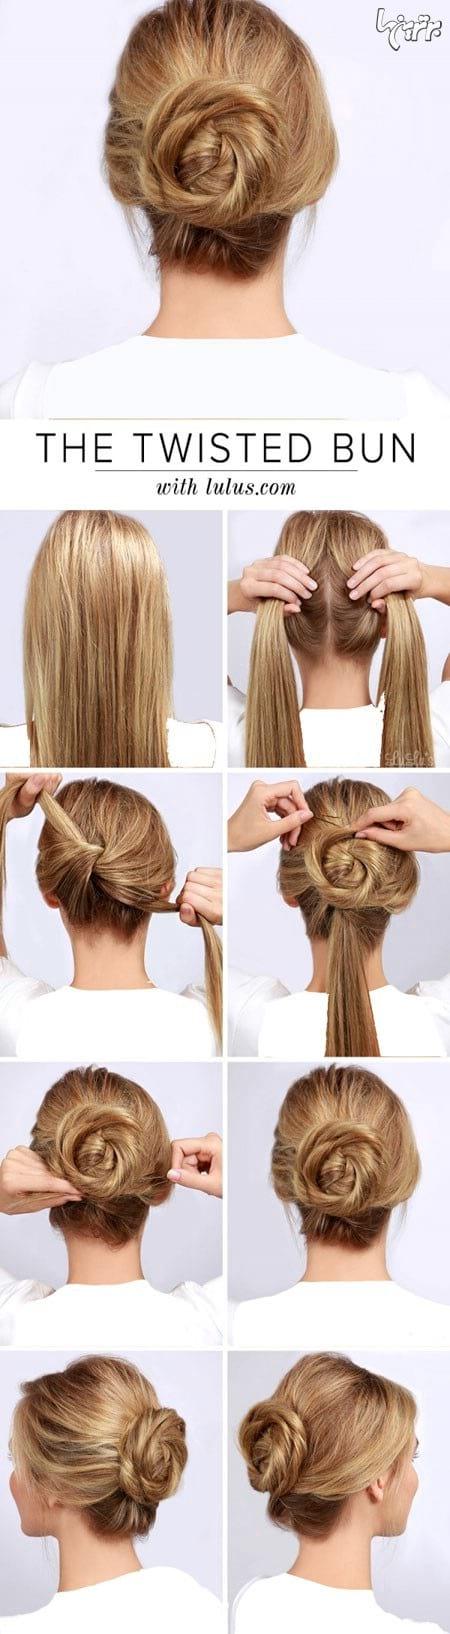 آموزش بستن مو (4)